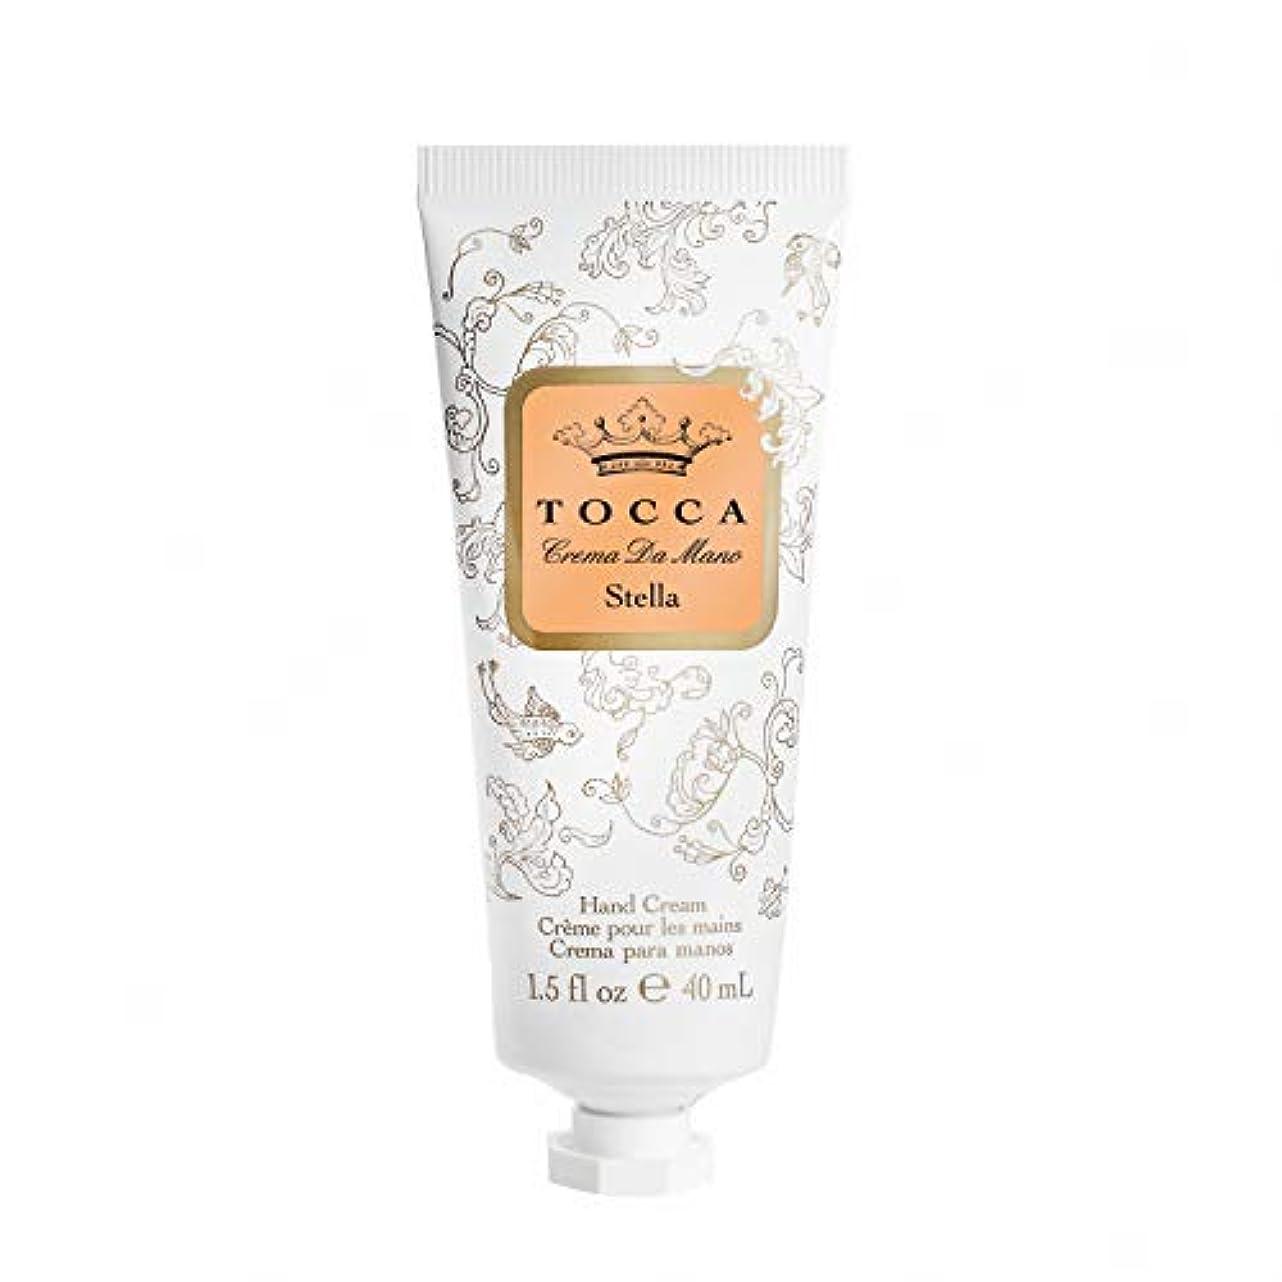 ロールタヒチ素敵なトッカ(TOCCA) ハンドクリーム ステラの香り 40mL (手指用保湿 イタリアンブラッドオレンジが奏でるフレッシュでビターな爽やかさ漂う香り)